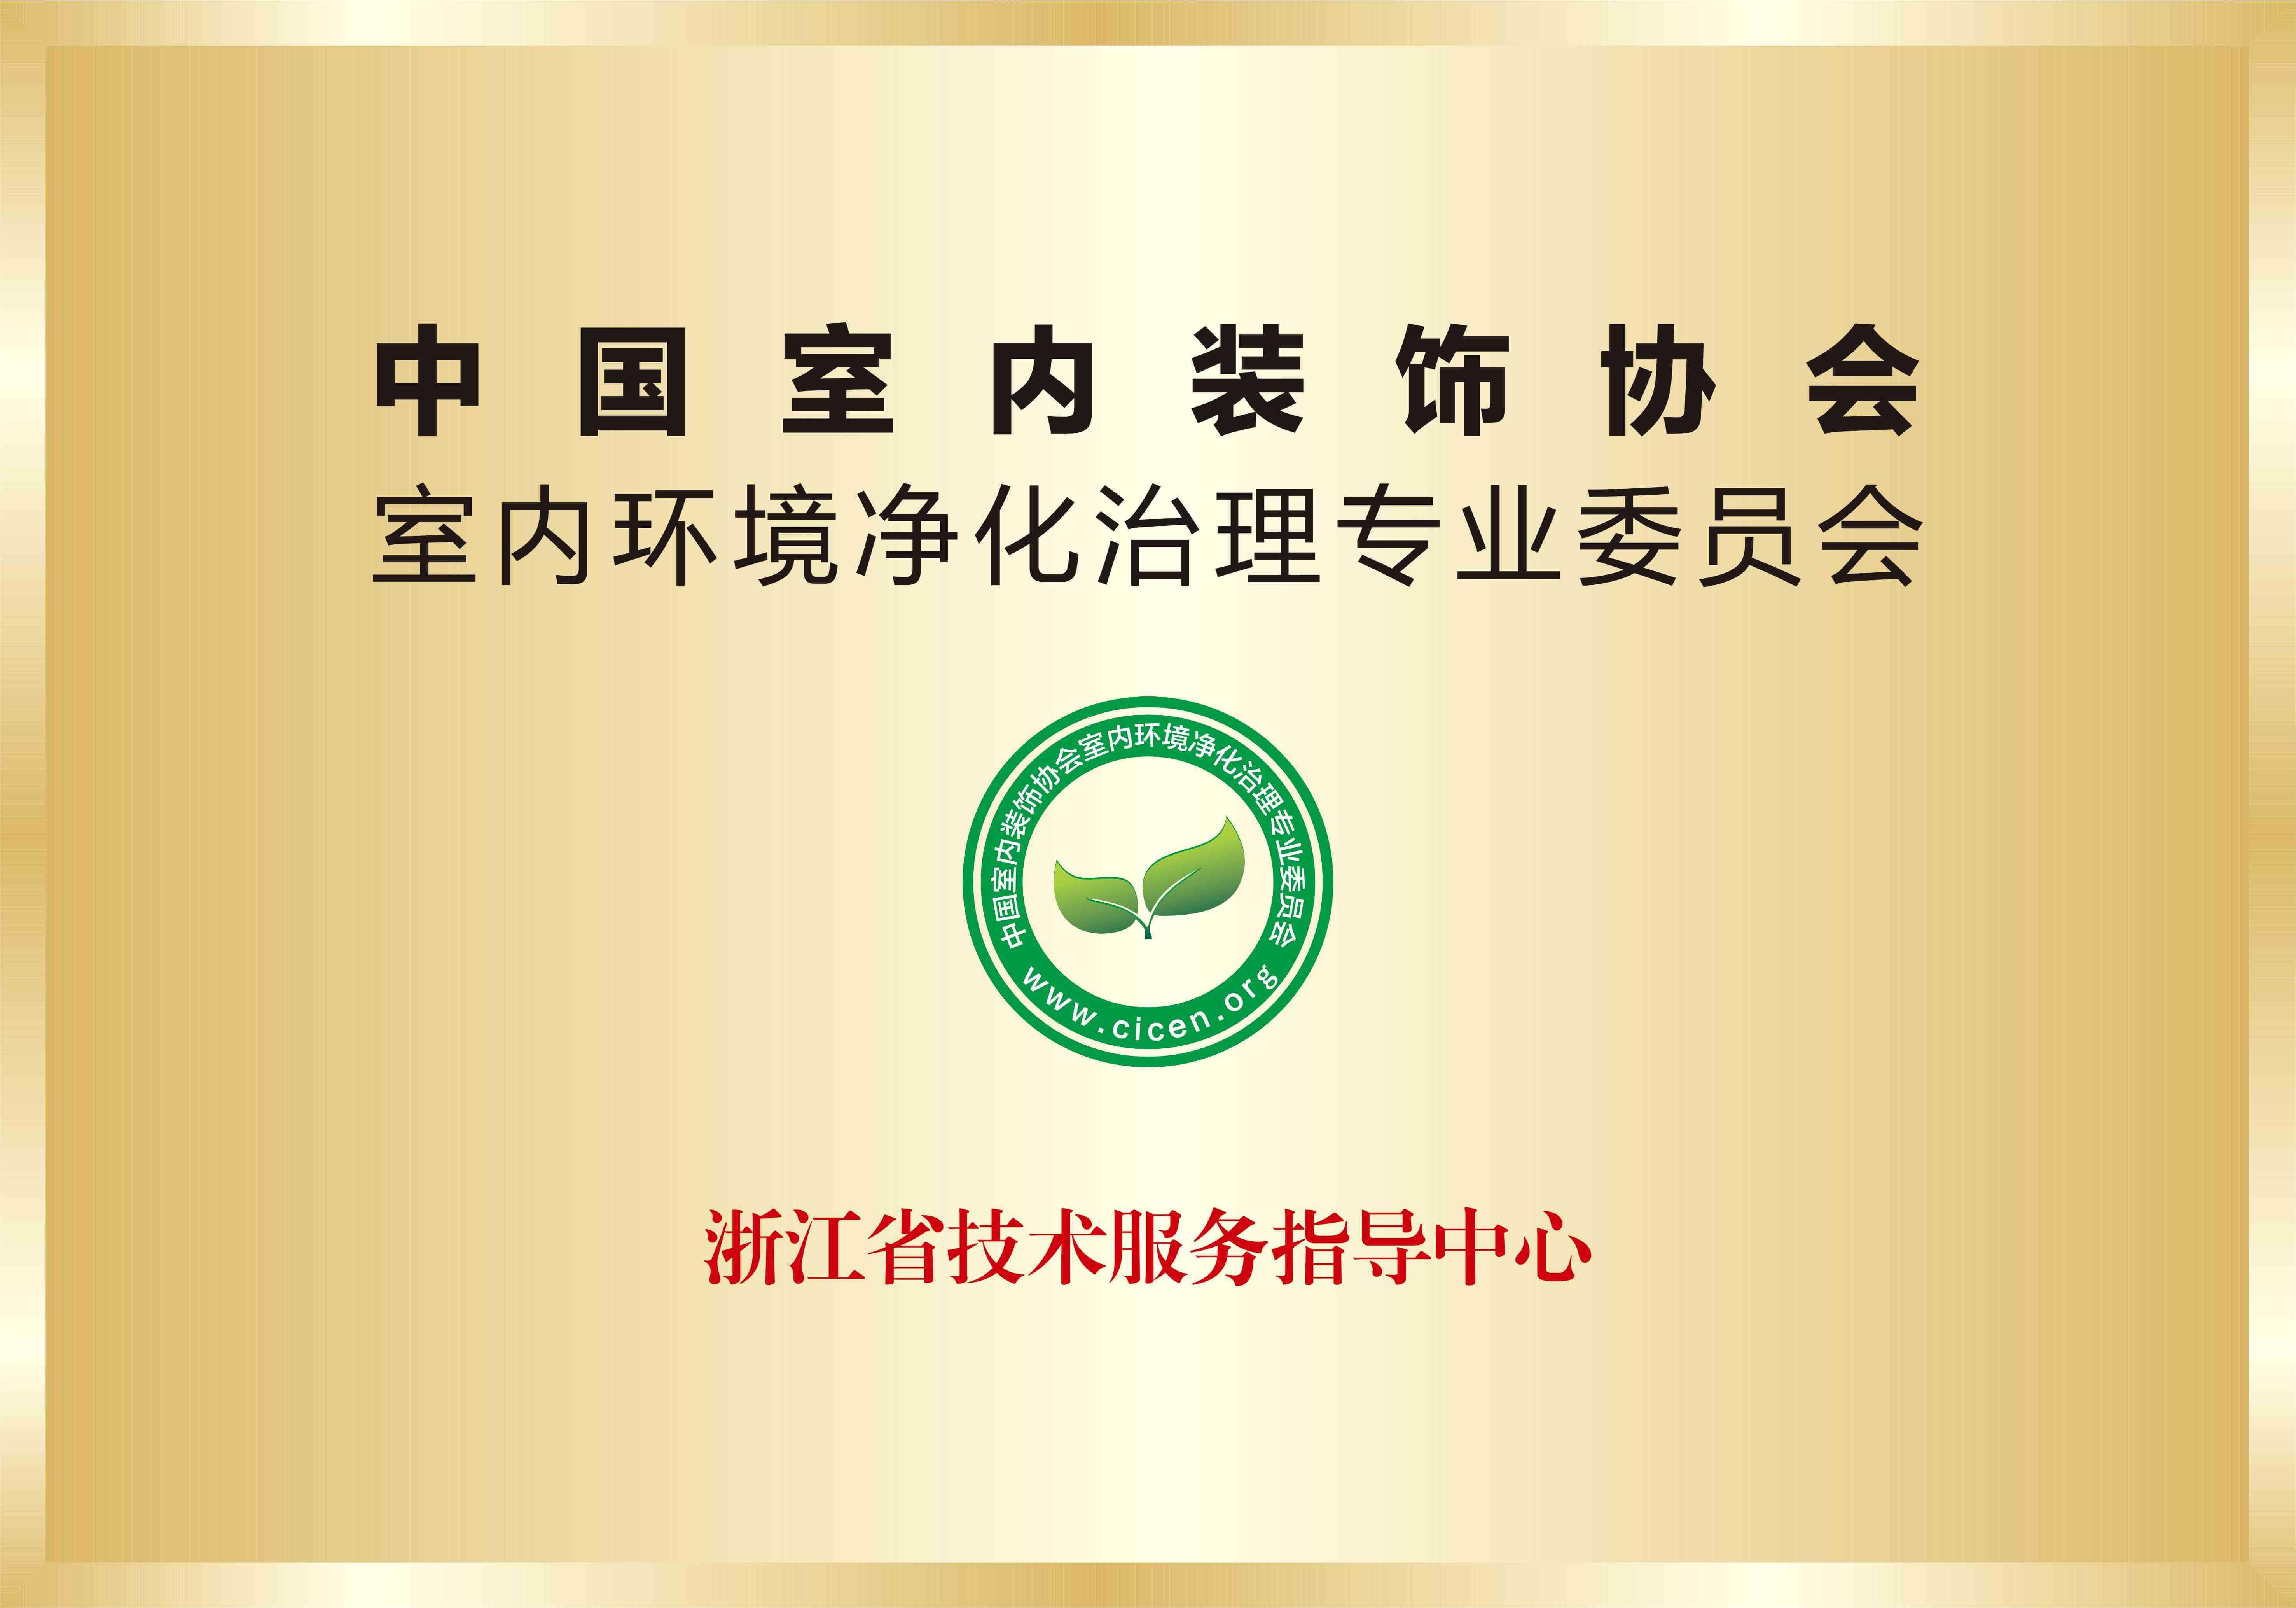 室內環境凈化治理專業委員會浙江省技術服務指導中心